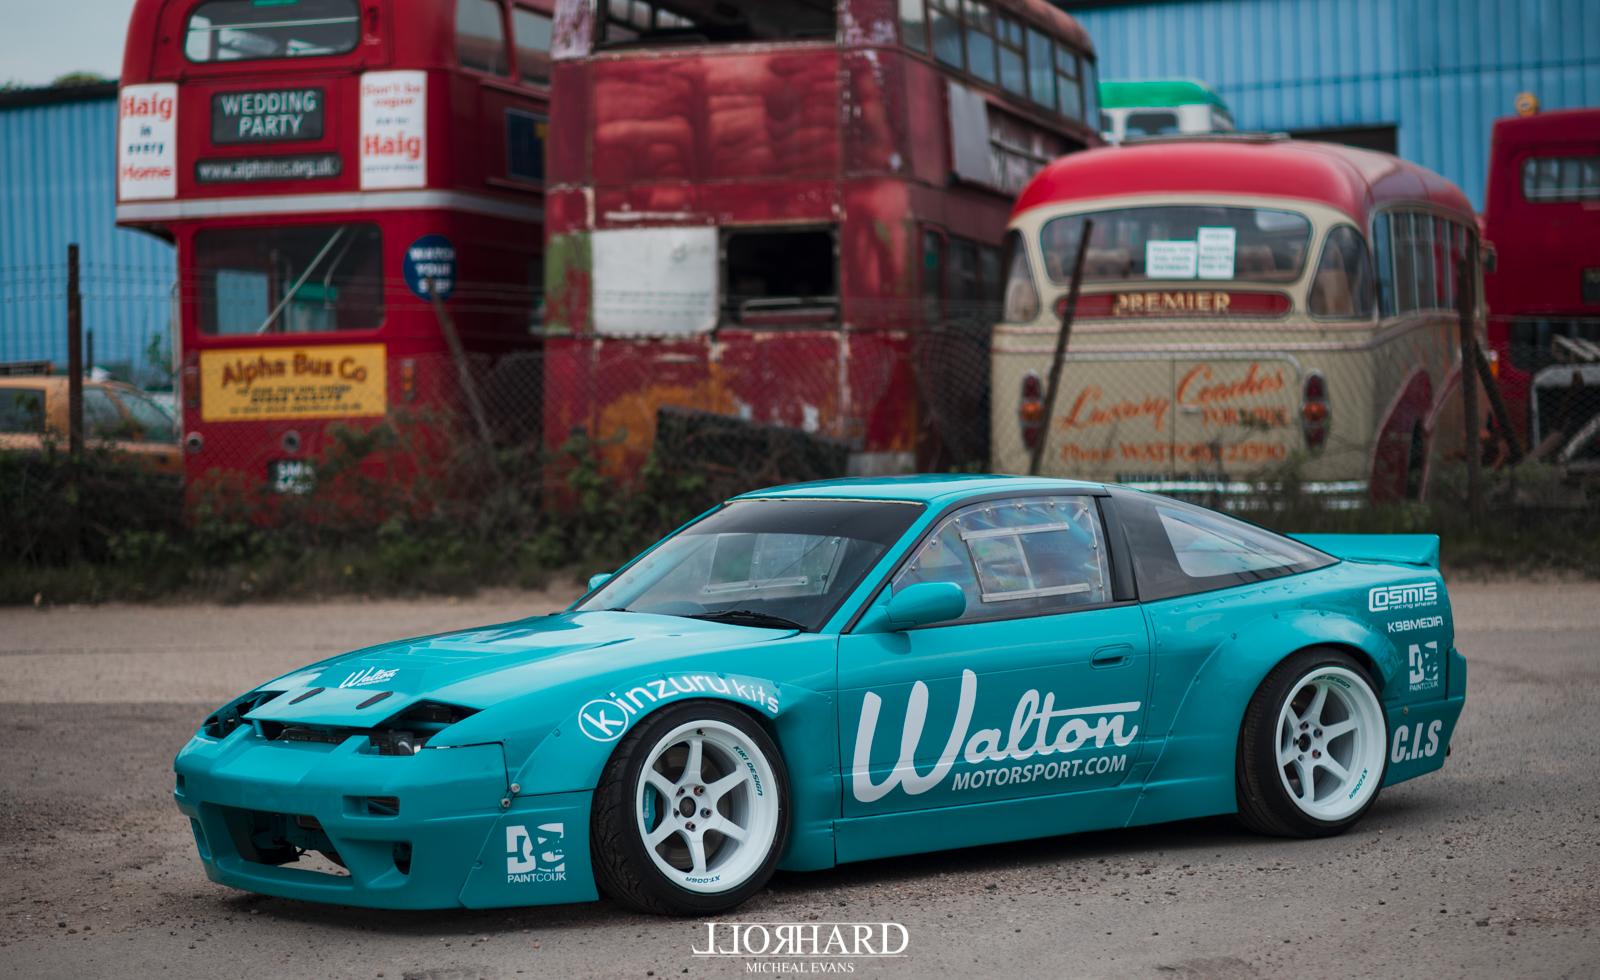 Walton Motorsport Nissan 180sx S13 on Cosmis XT-006r